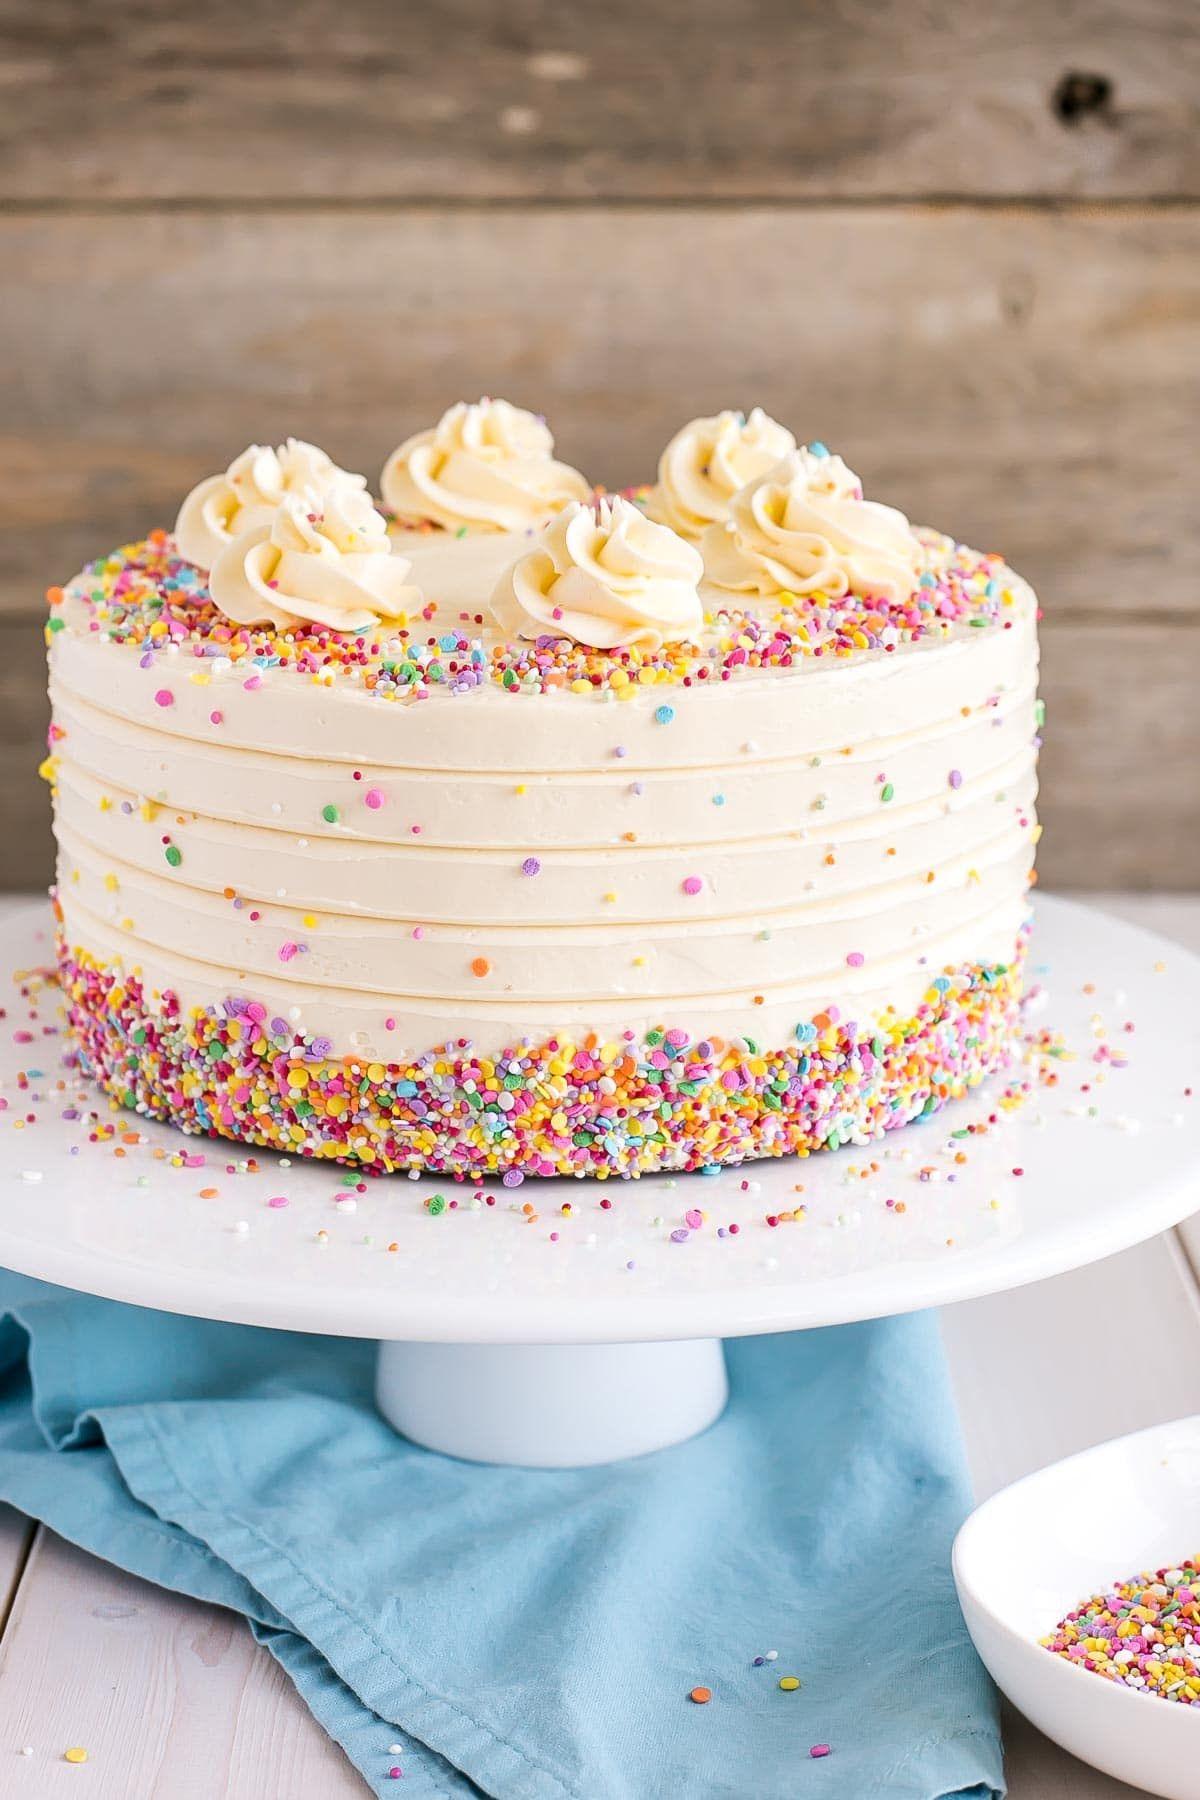 This Classic Vanilla Cake Pairs Fluffy Vanilla Cake Layers